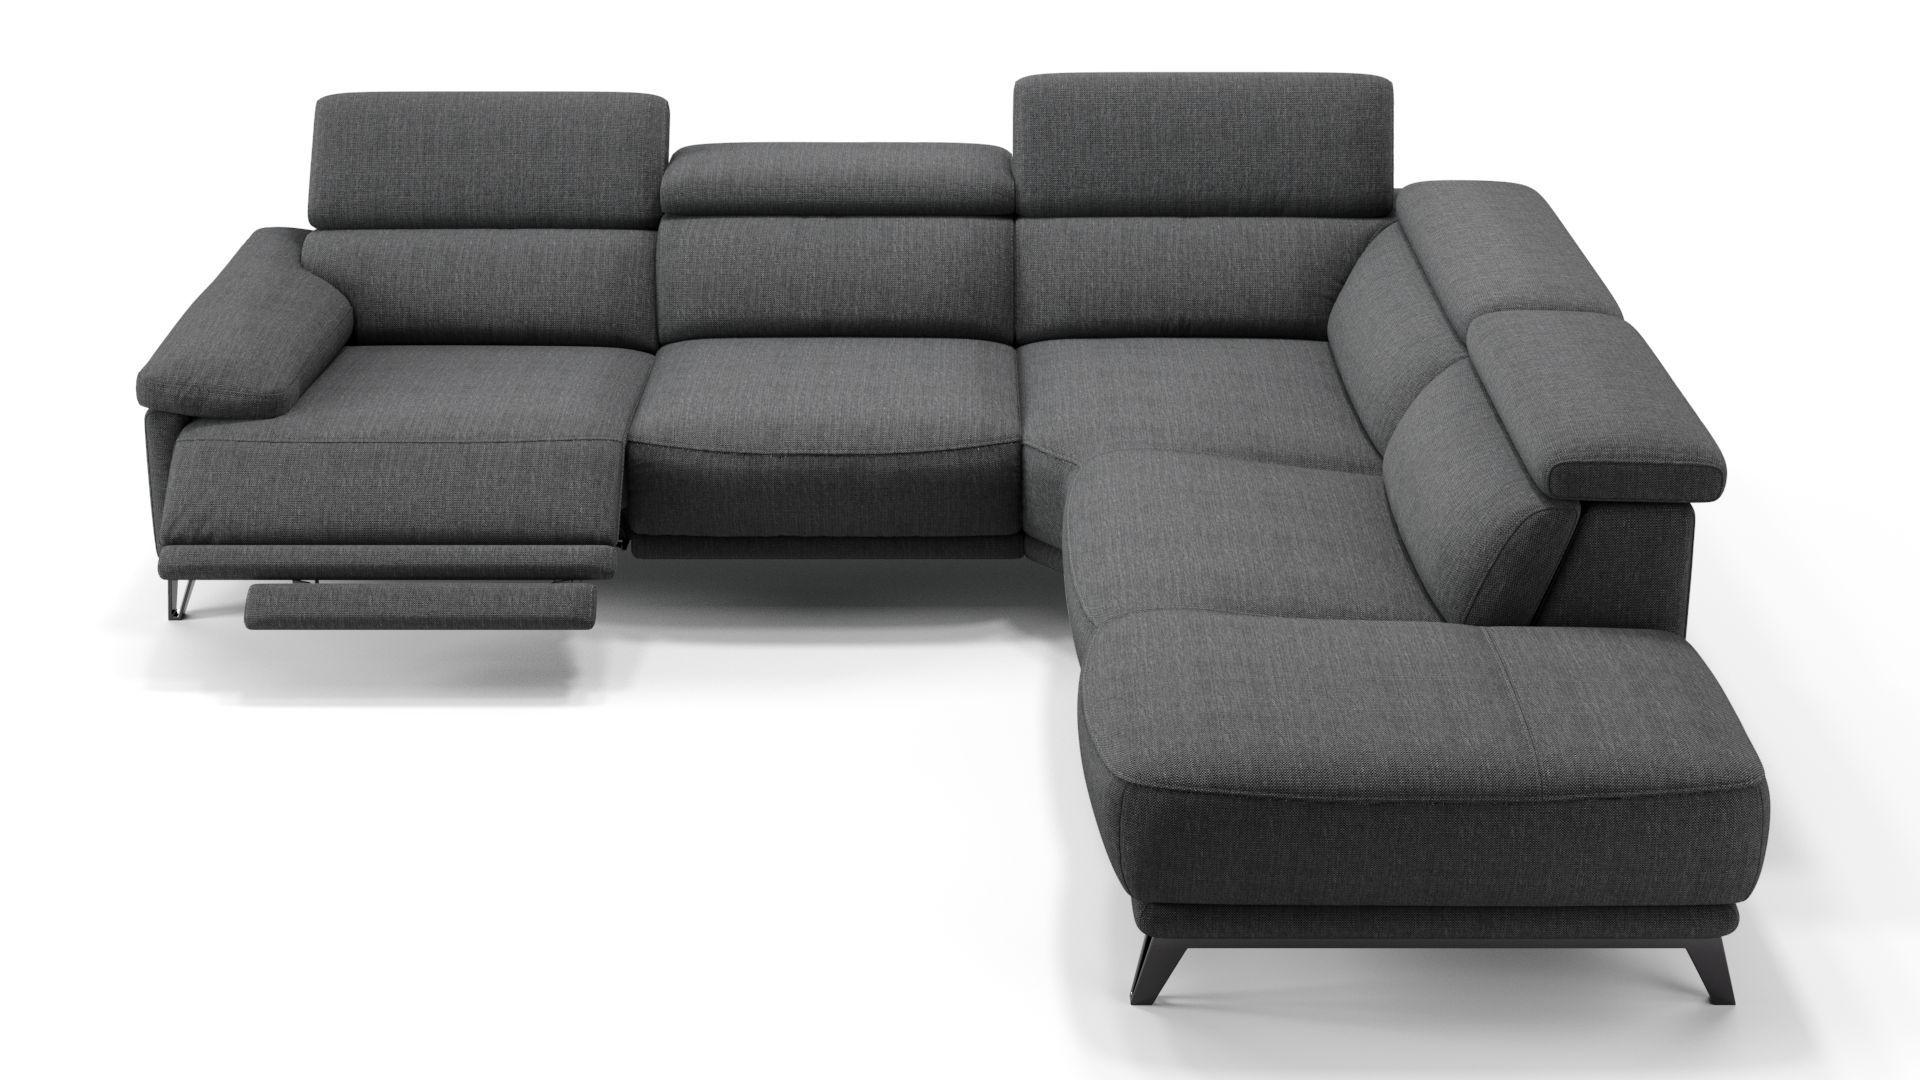 Full Size of Sofa Mit Elektrischer Sitztiefenverstellung Leder Elektrische 3er Ecksofa Erfahrungen Kawoo Dieses Sorgt Fr Besondere Mega Chesterfield Gebraucht Bett Sofa Sofa Mit Elektrischer Sitztiefenverstellung